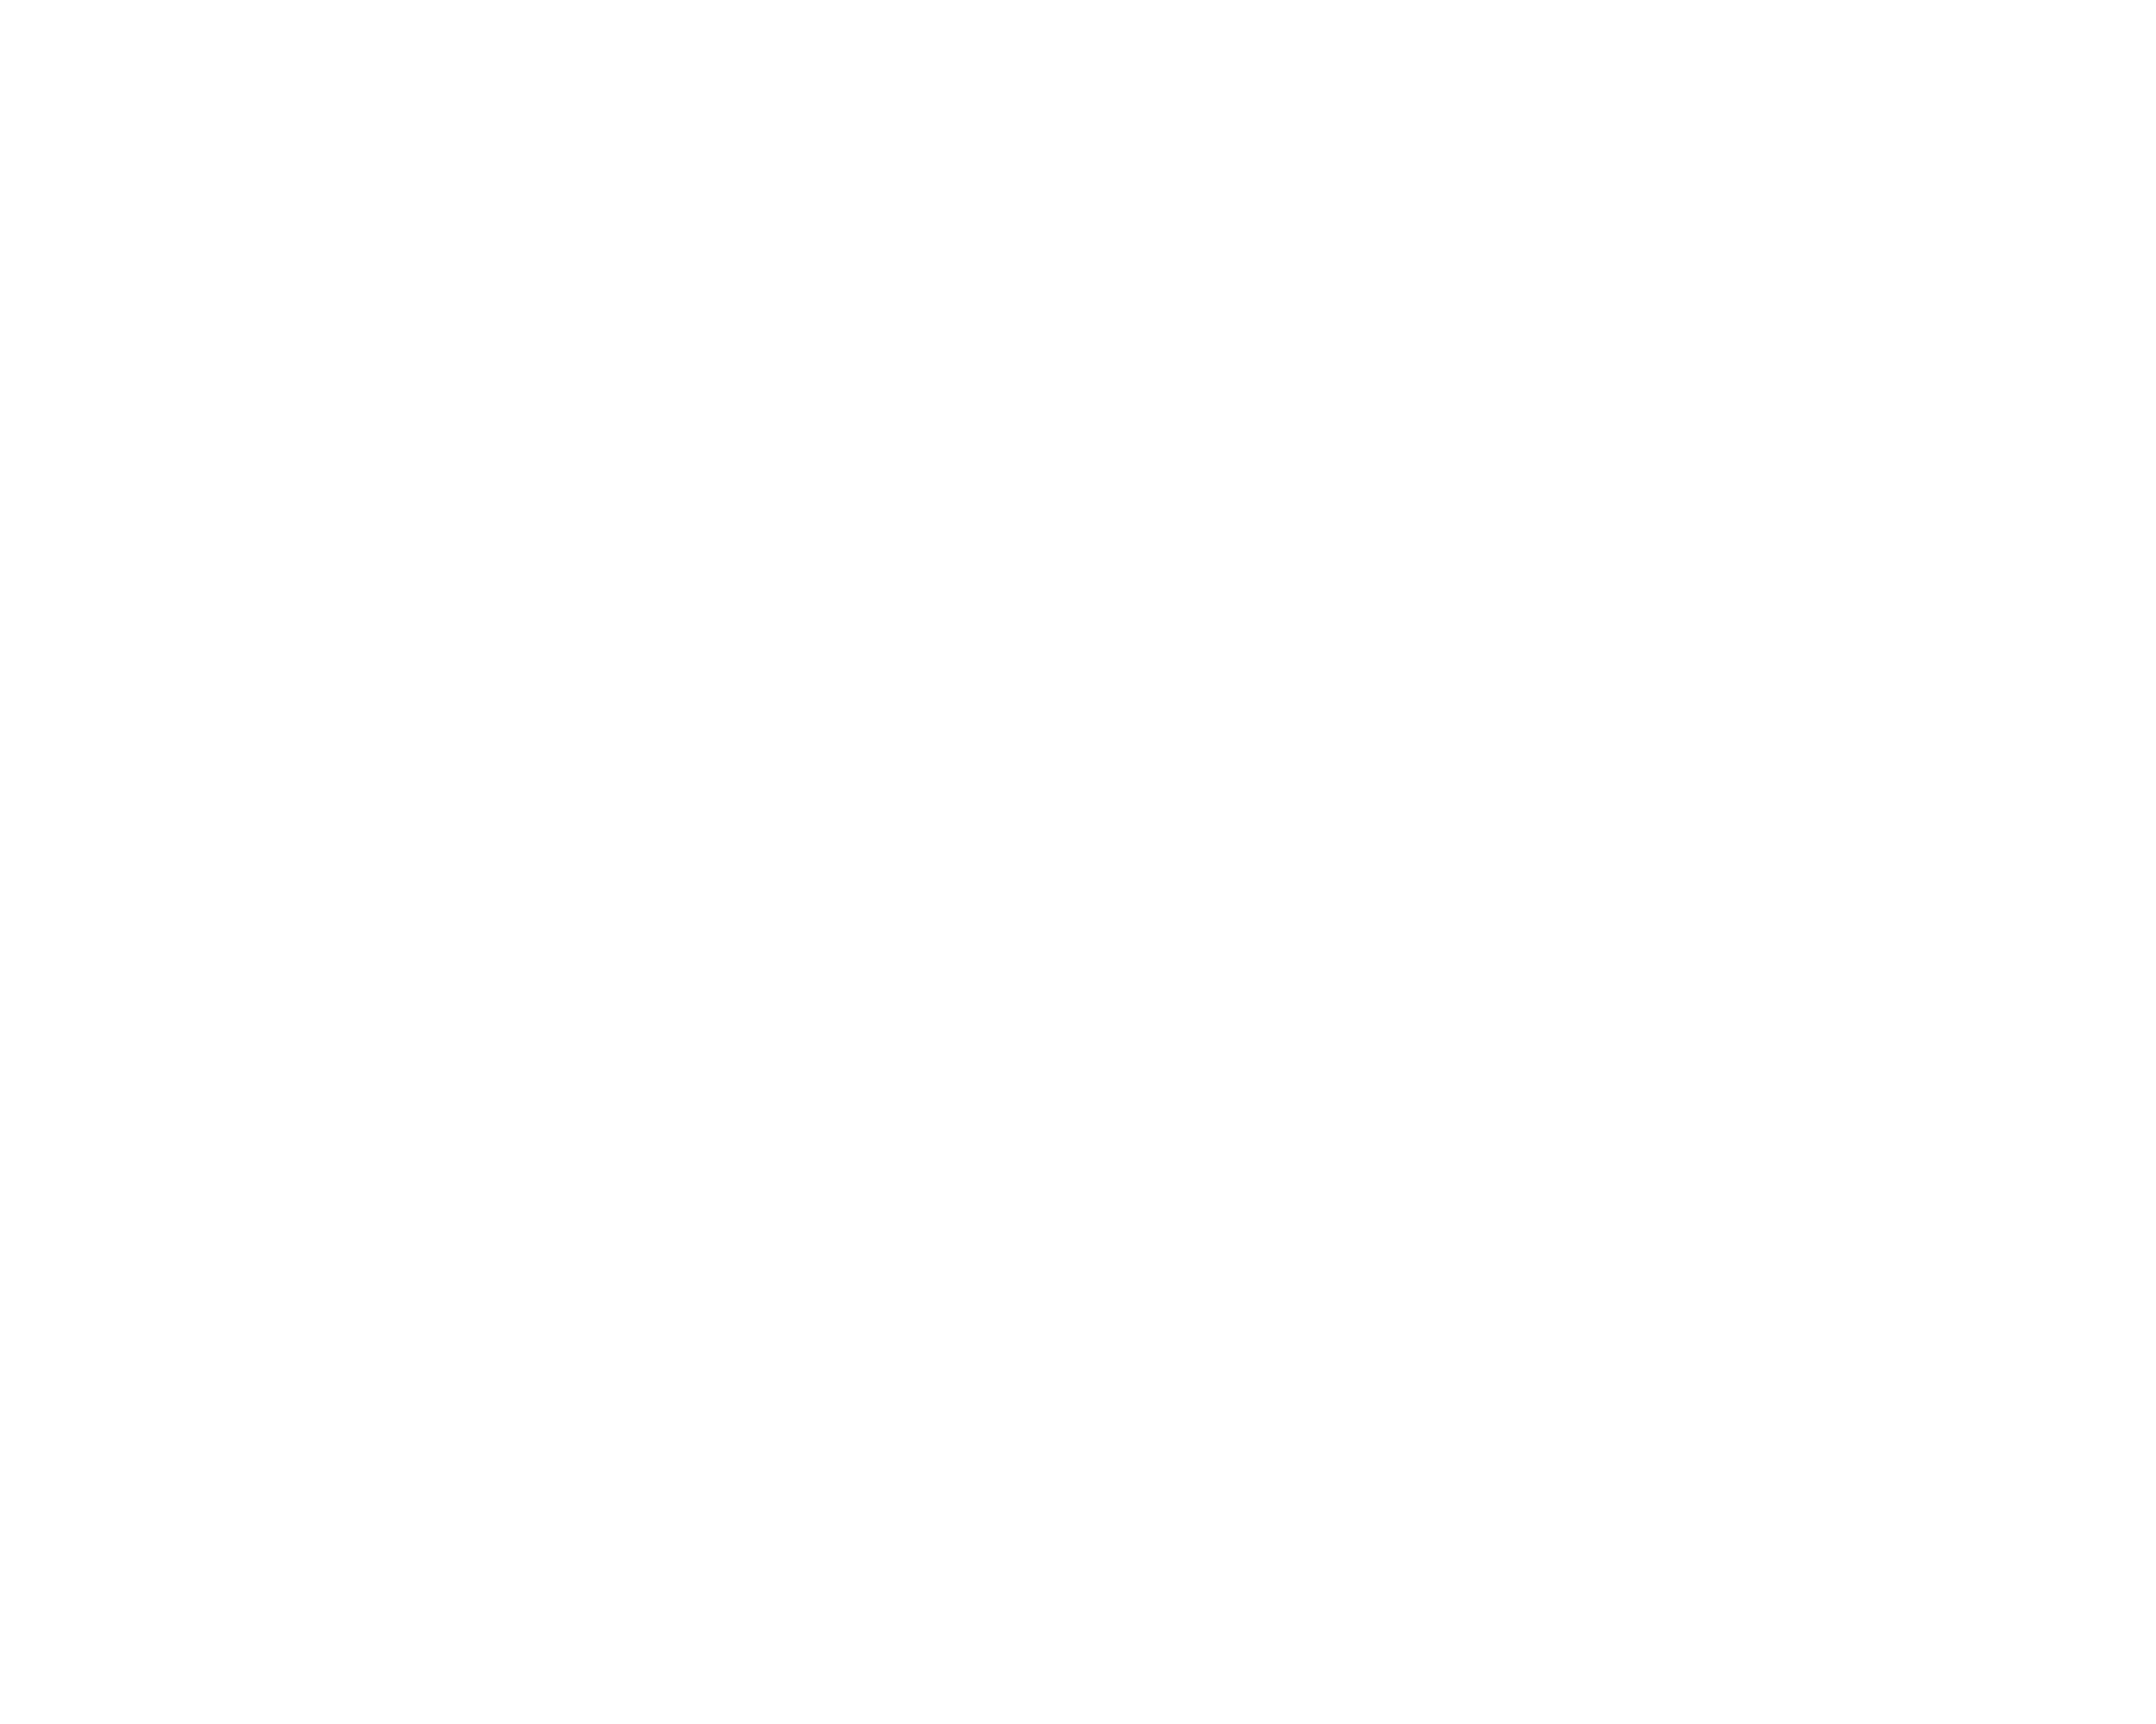 L'HEURE PHILO: «LE PROGRÈS: ENCORE UN MOT D'ORDRE?» AVEC GREGORY DARBADIE – MARDI 19 SEPTEMBRE 19h